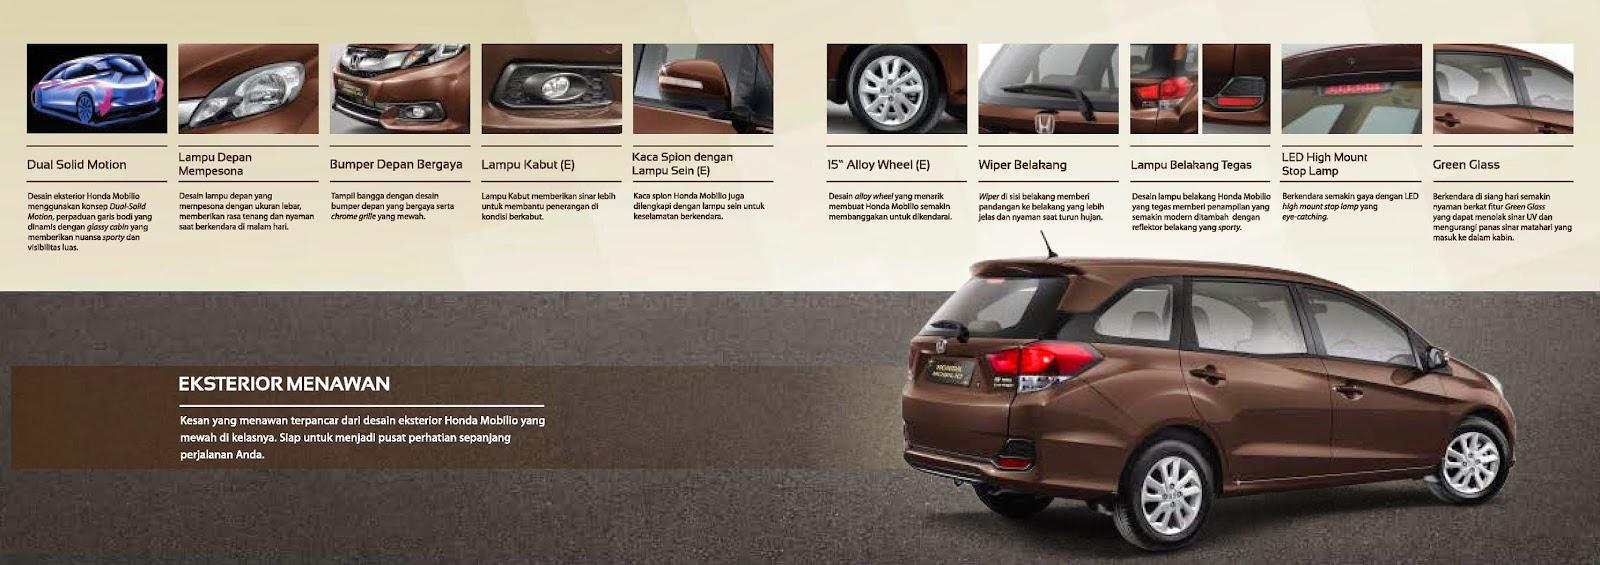 Fitur - Fitur Mobil Honda Mobilio